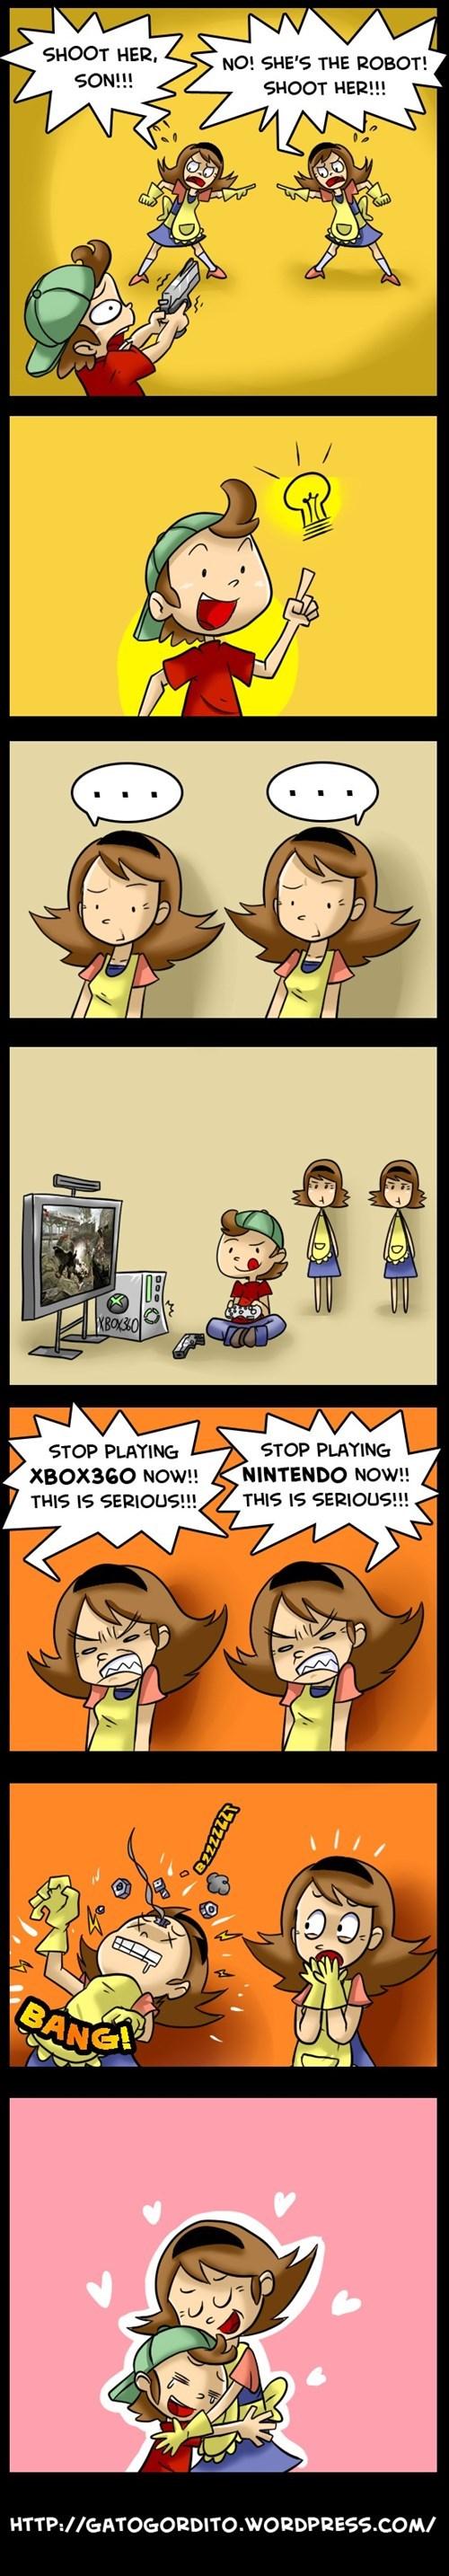 comics moms gamers - 7763693568